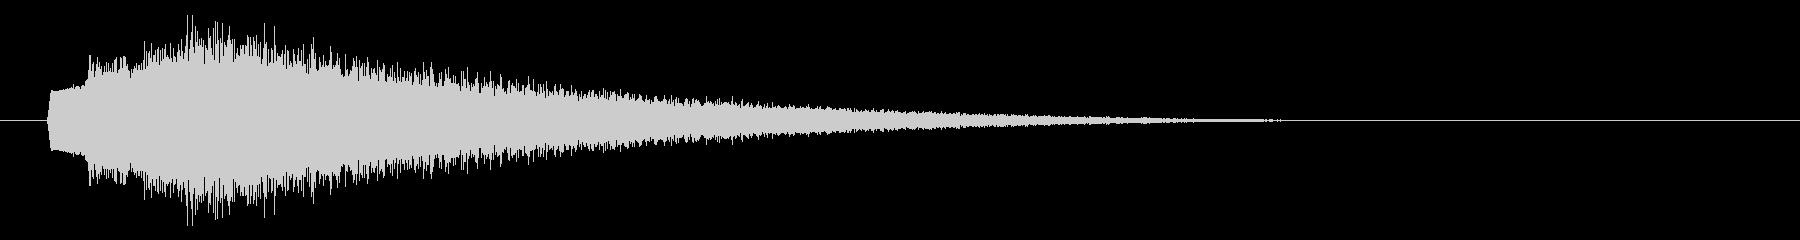 キラキラ/ファンタジー/完成の未再生の波形